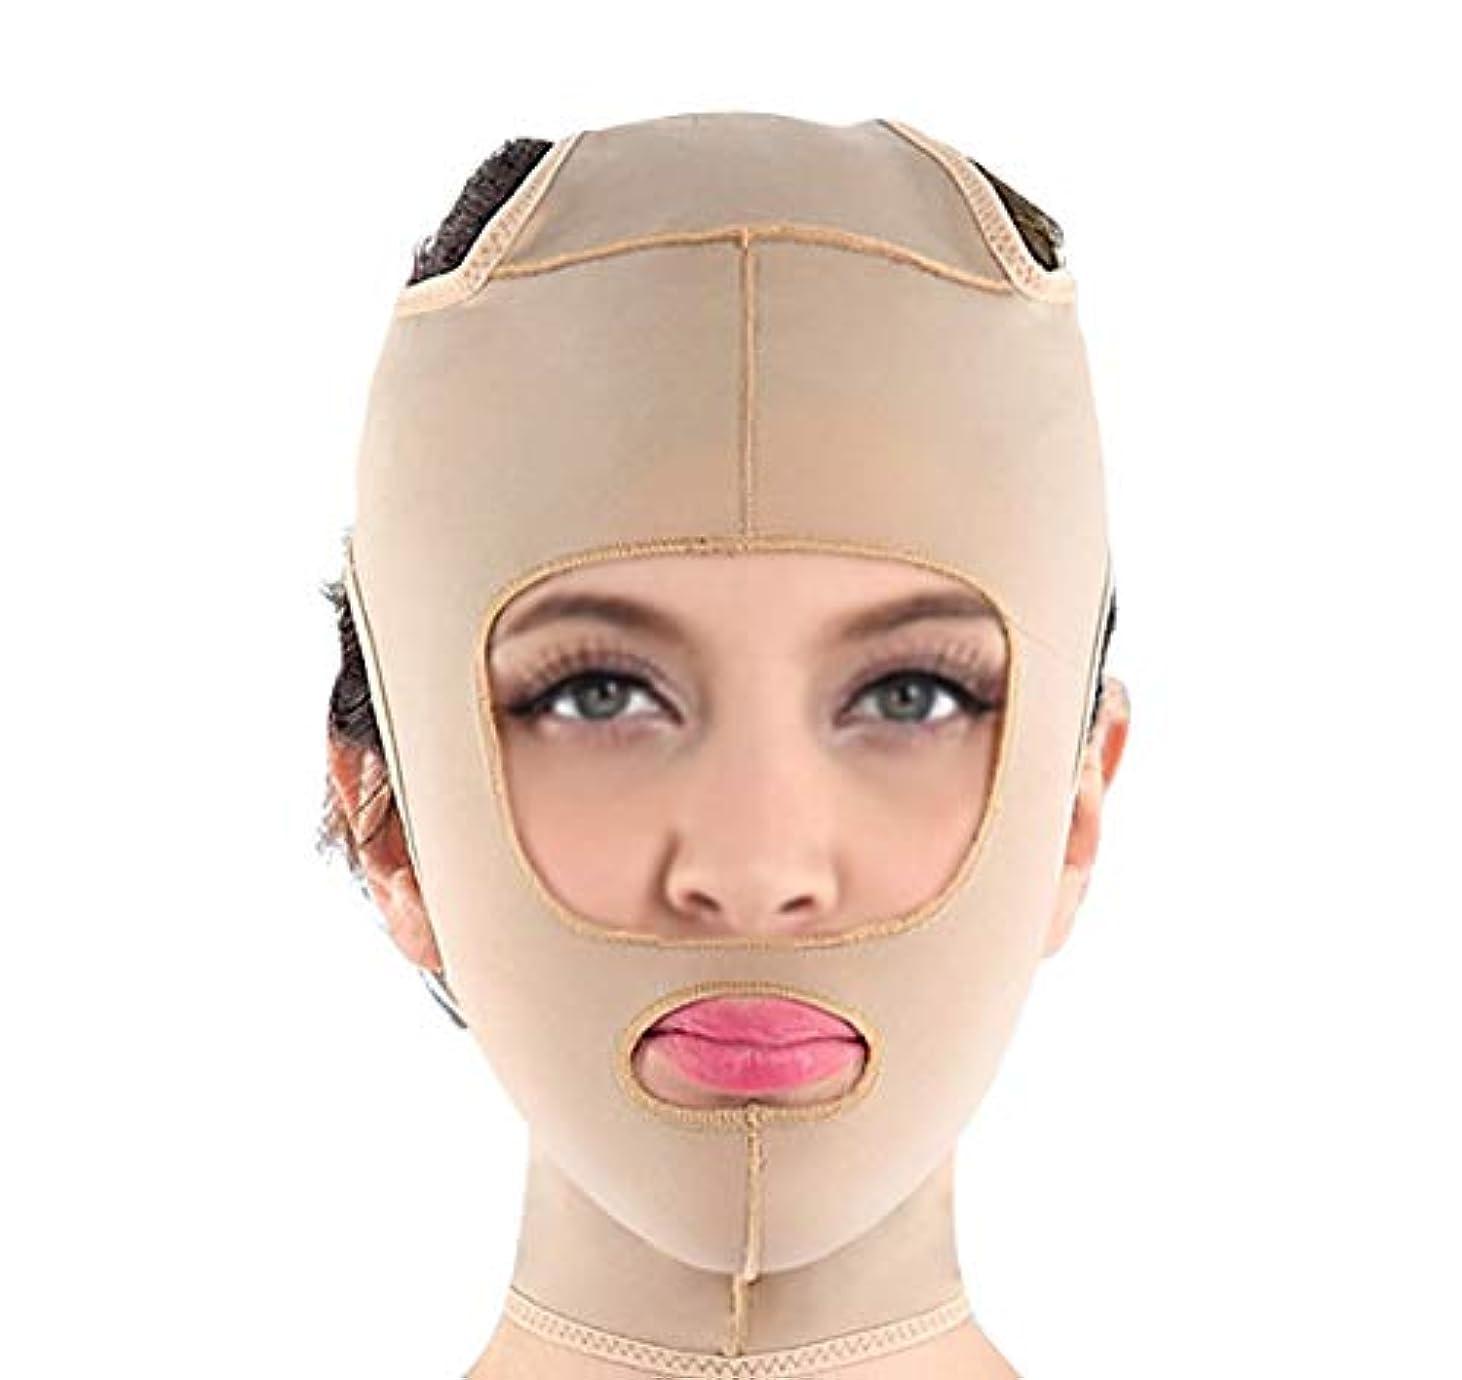 ジャンク結晶ラブ肌をしっかりと保ち、顔の筋肉の垂れ下がりや顔の美しい輪郭の形成を防ぐフェイスリフティングマスク (Size : XL)